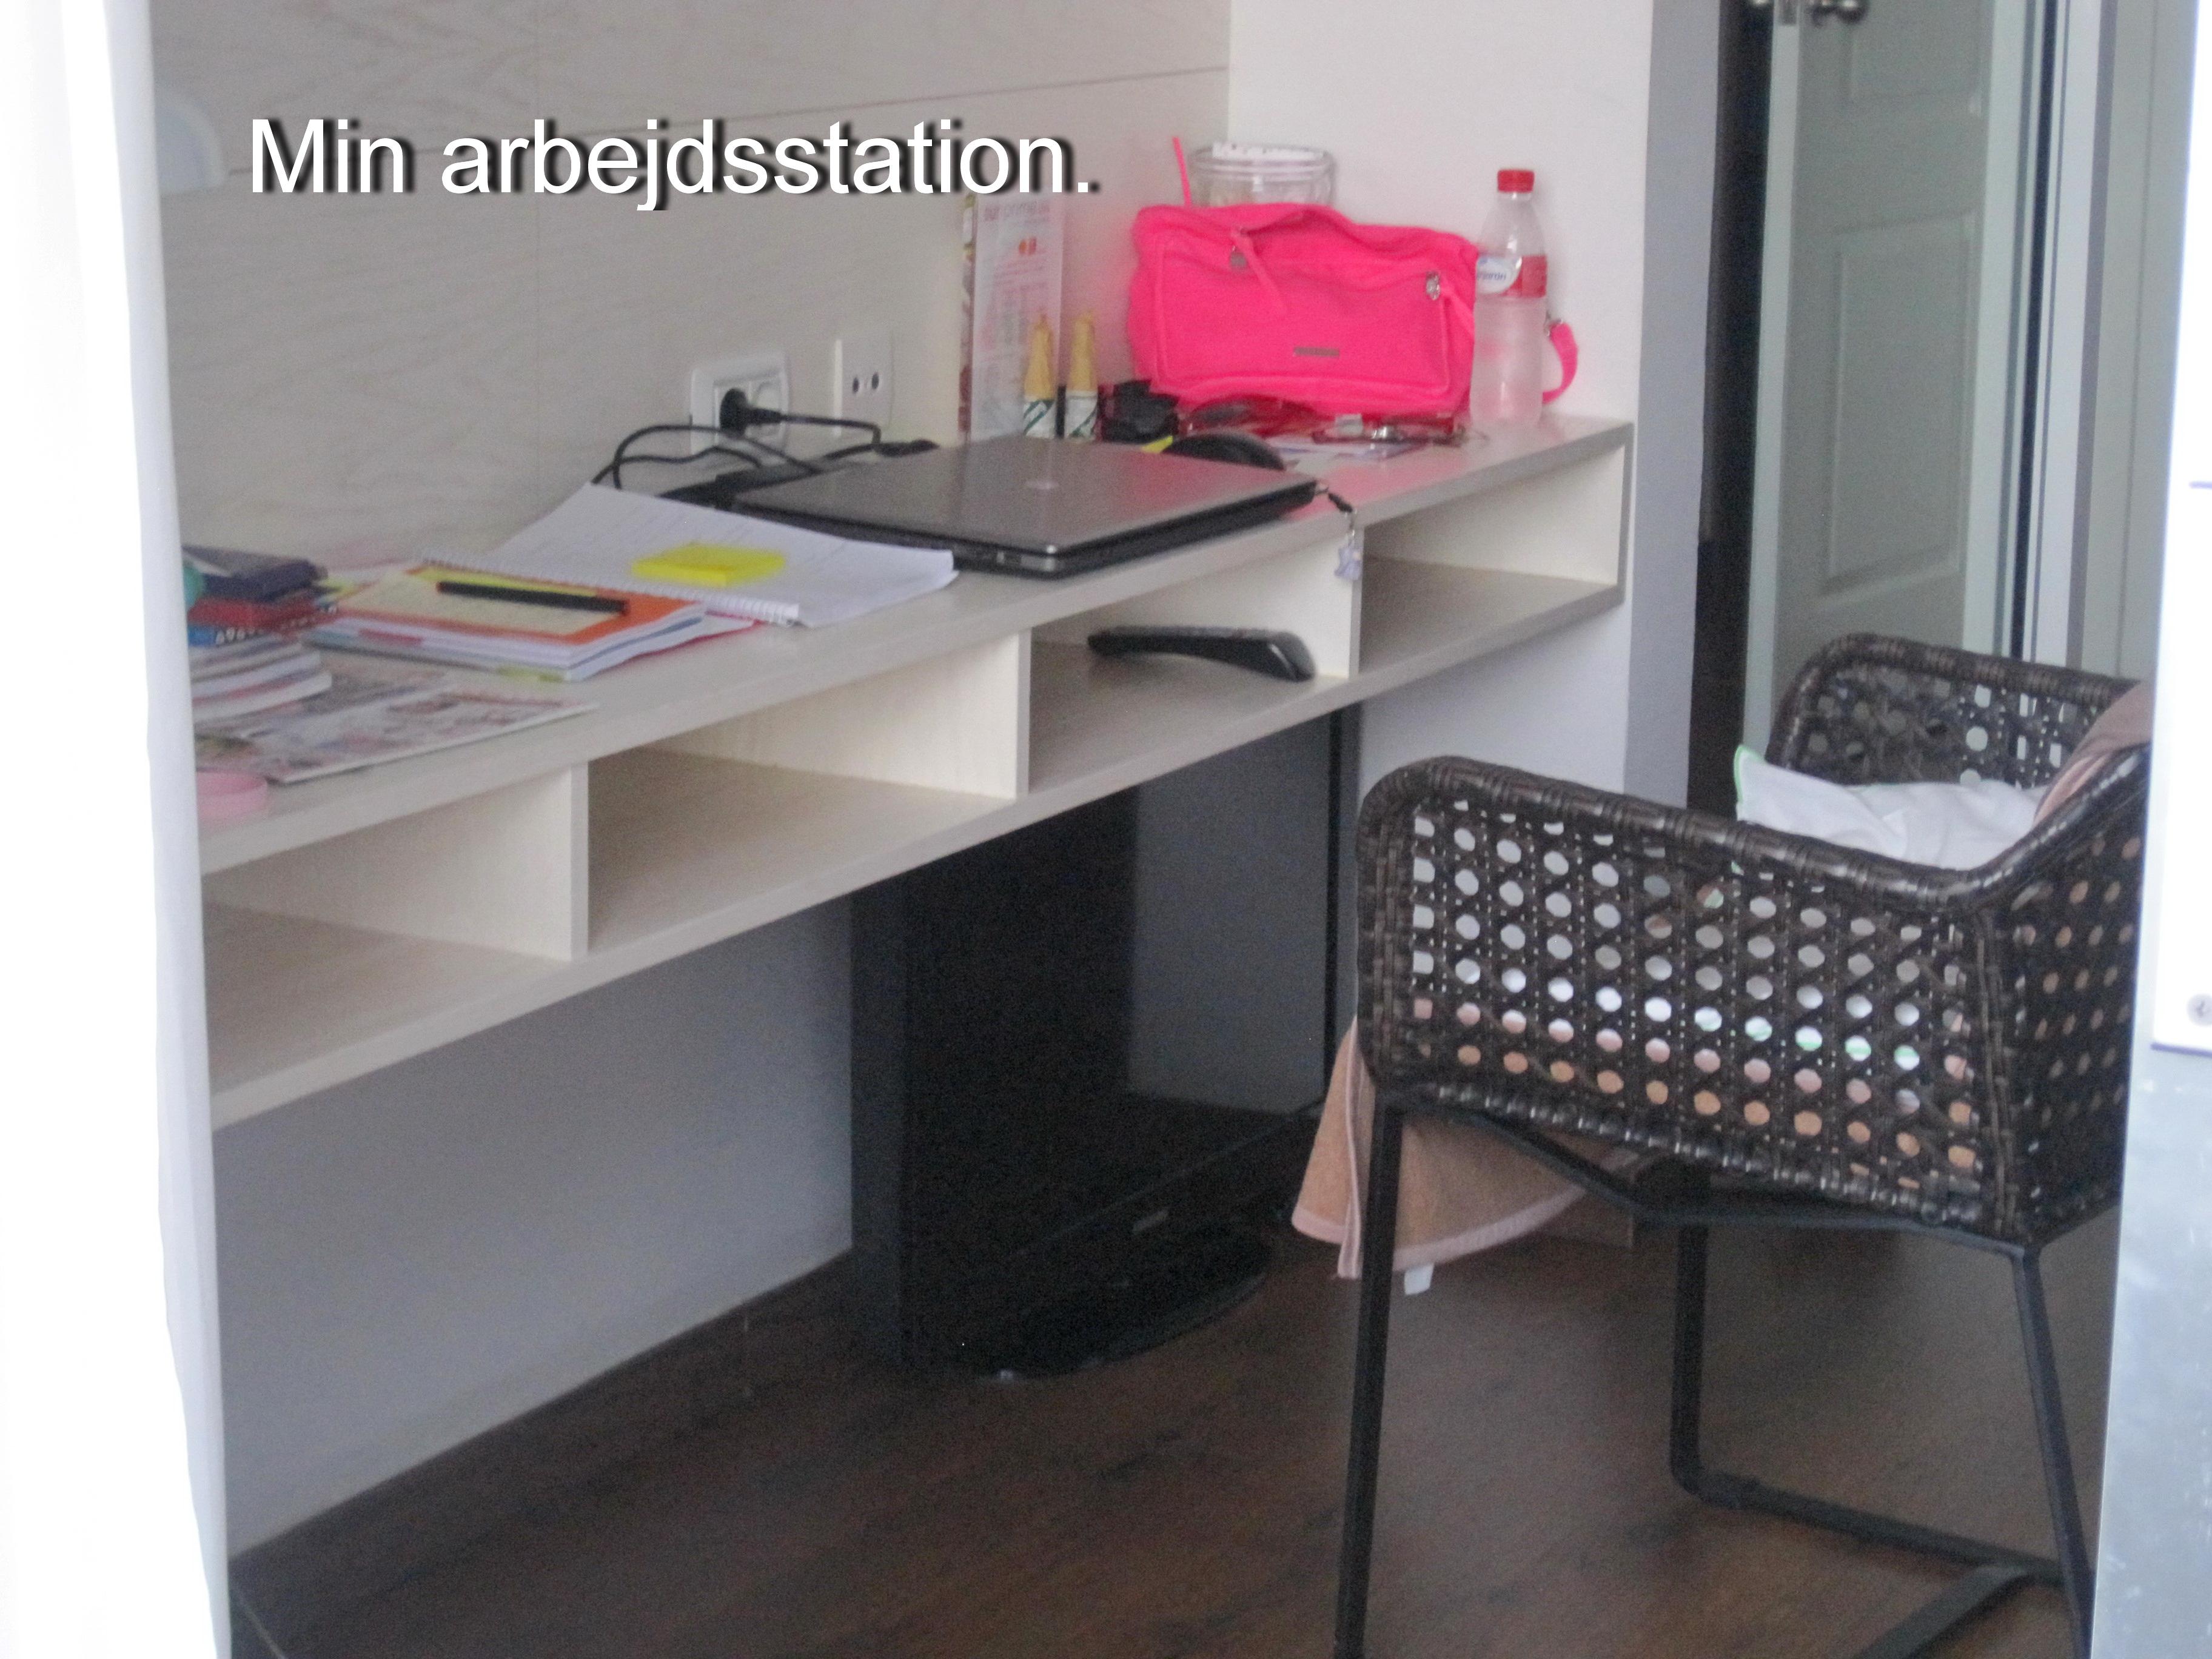 Min Arbejdsstation